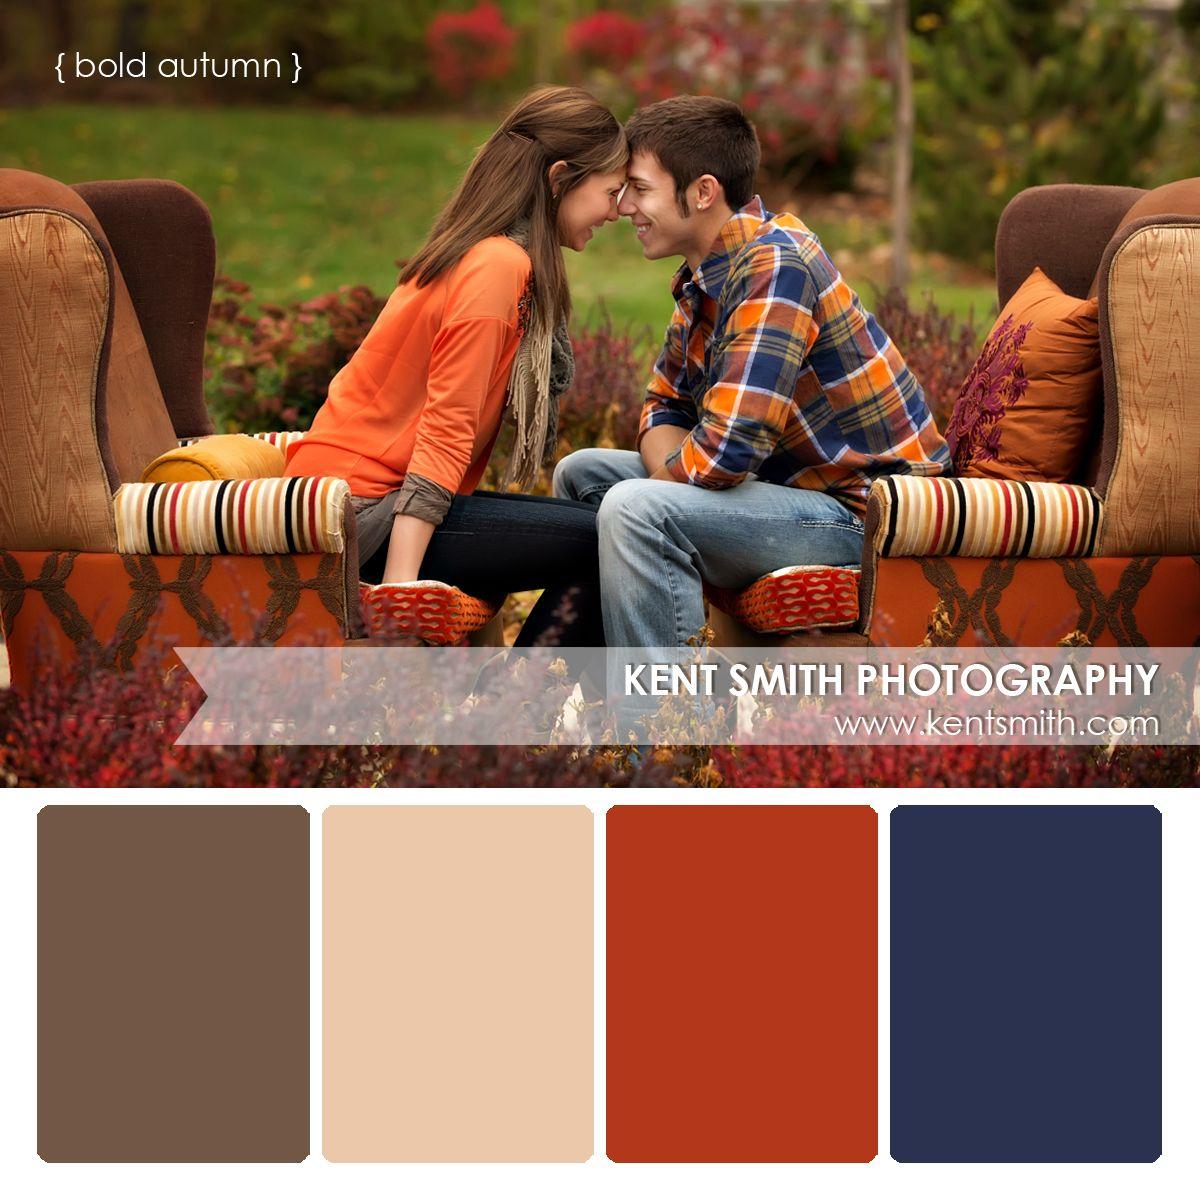 Portrait Palettes {bold autumn} | Portrait Palettes | Pinterest ...